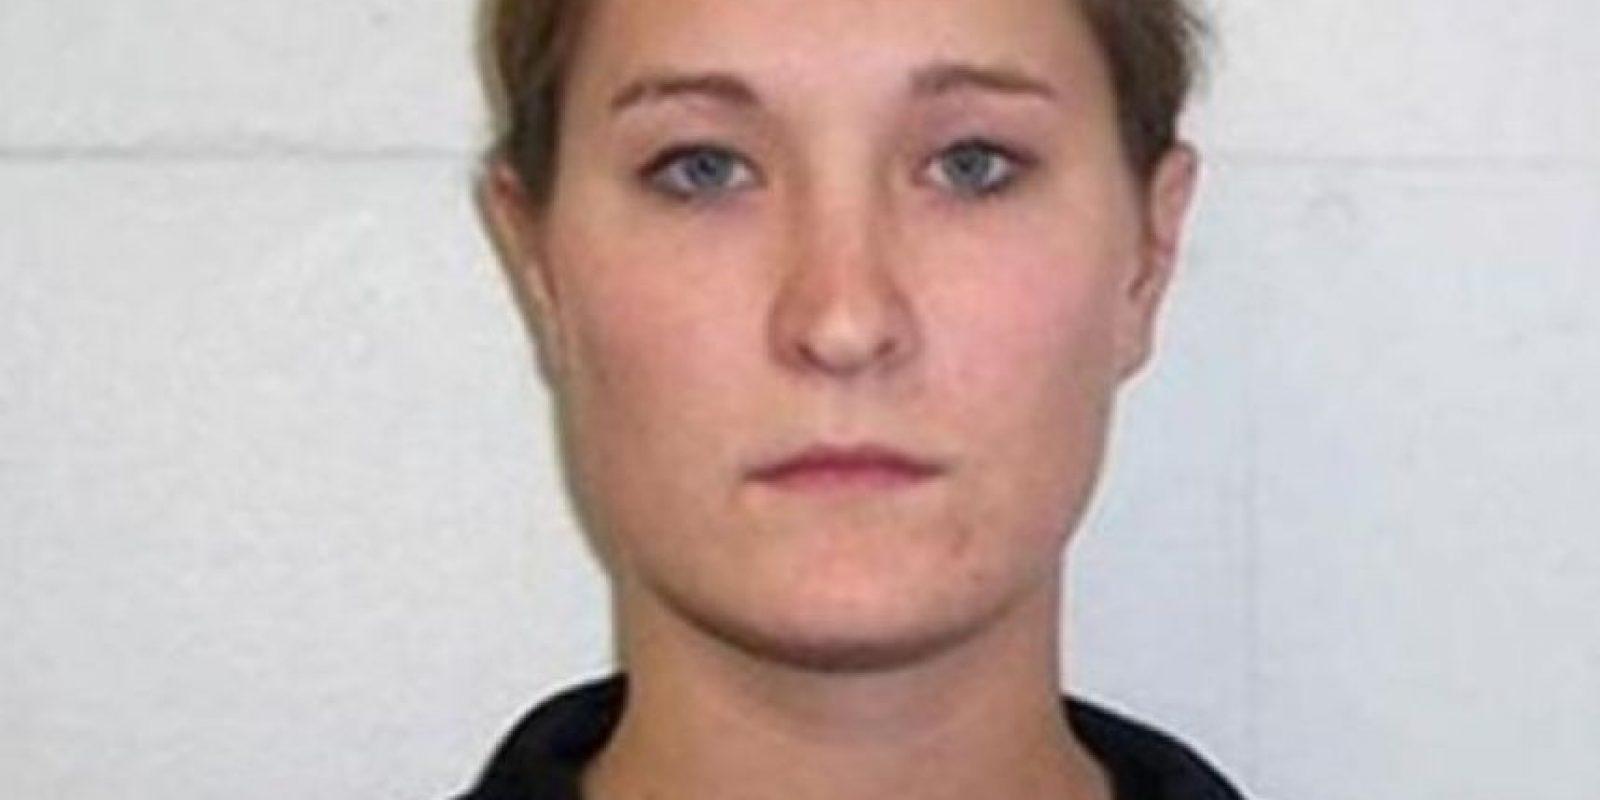 Ashley Anderson era maestra de matematicas en Iowa hasta que fue acusada de tener relaciones sexuales inapropiadas con cuatro estudiantes. Foto:Iowa Department of Public Safety